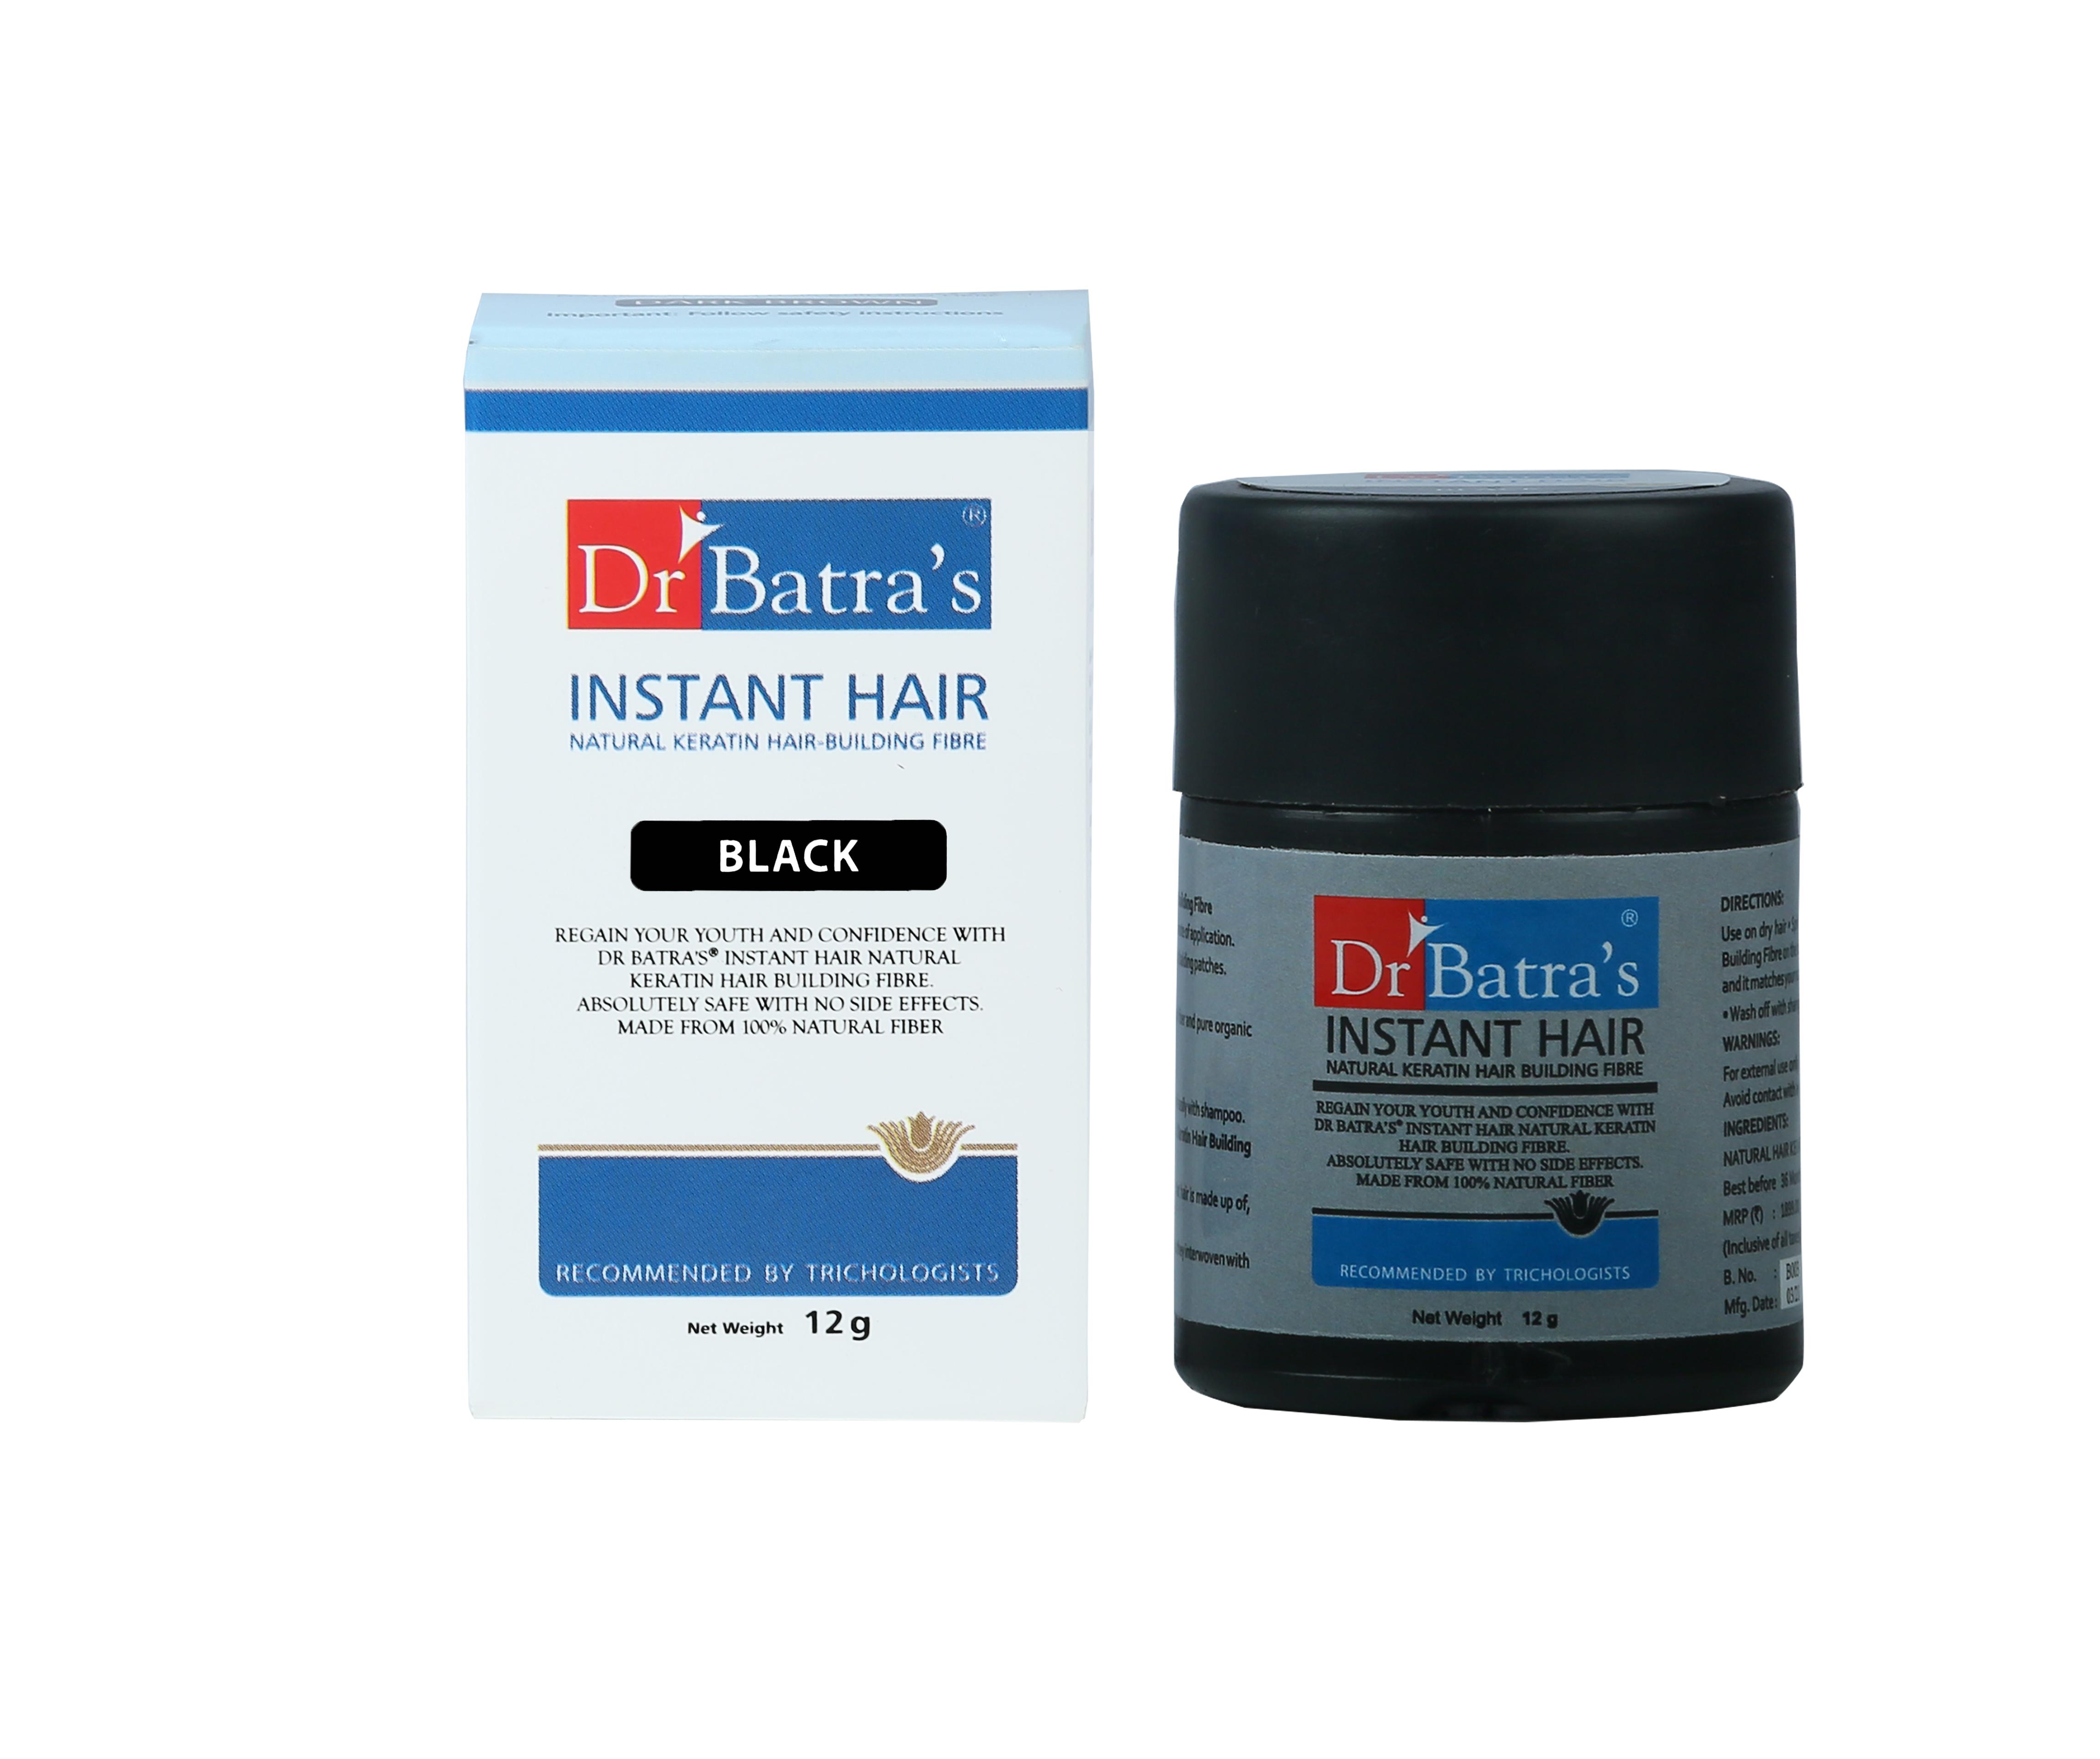 Dr Batra's | Dr Batra's Instant Hair Natural keratin Hair Building Fibre Black - 12 gm